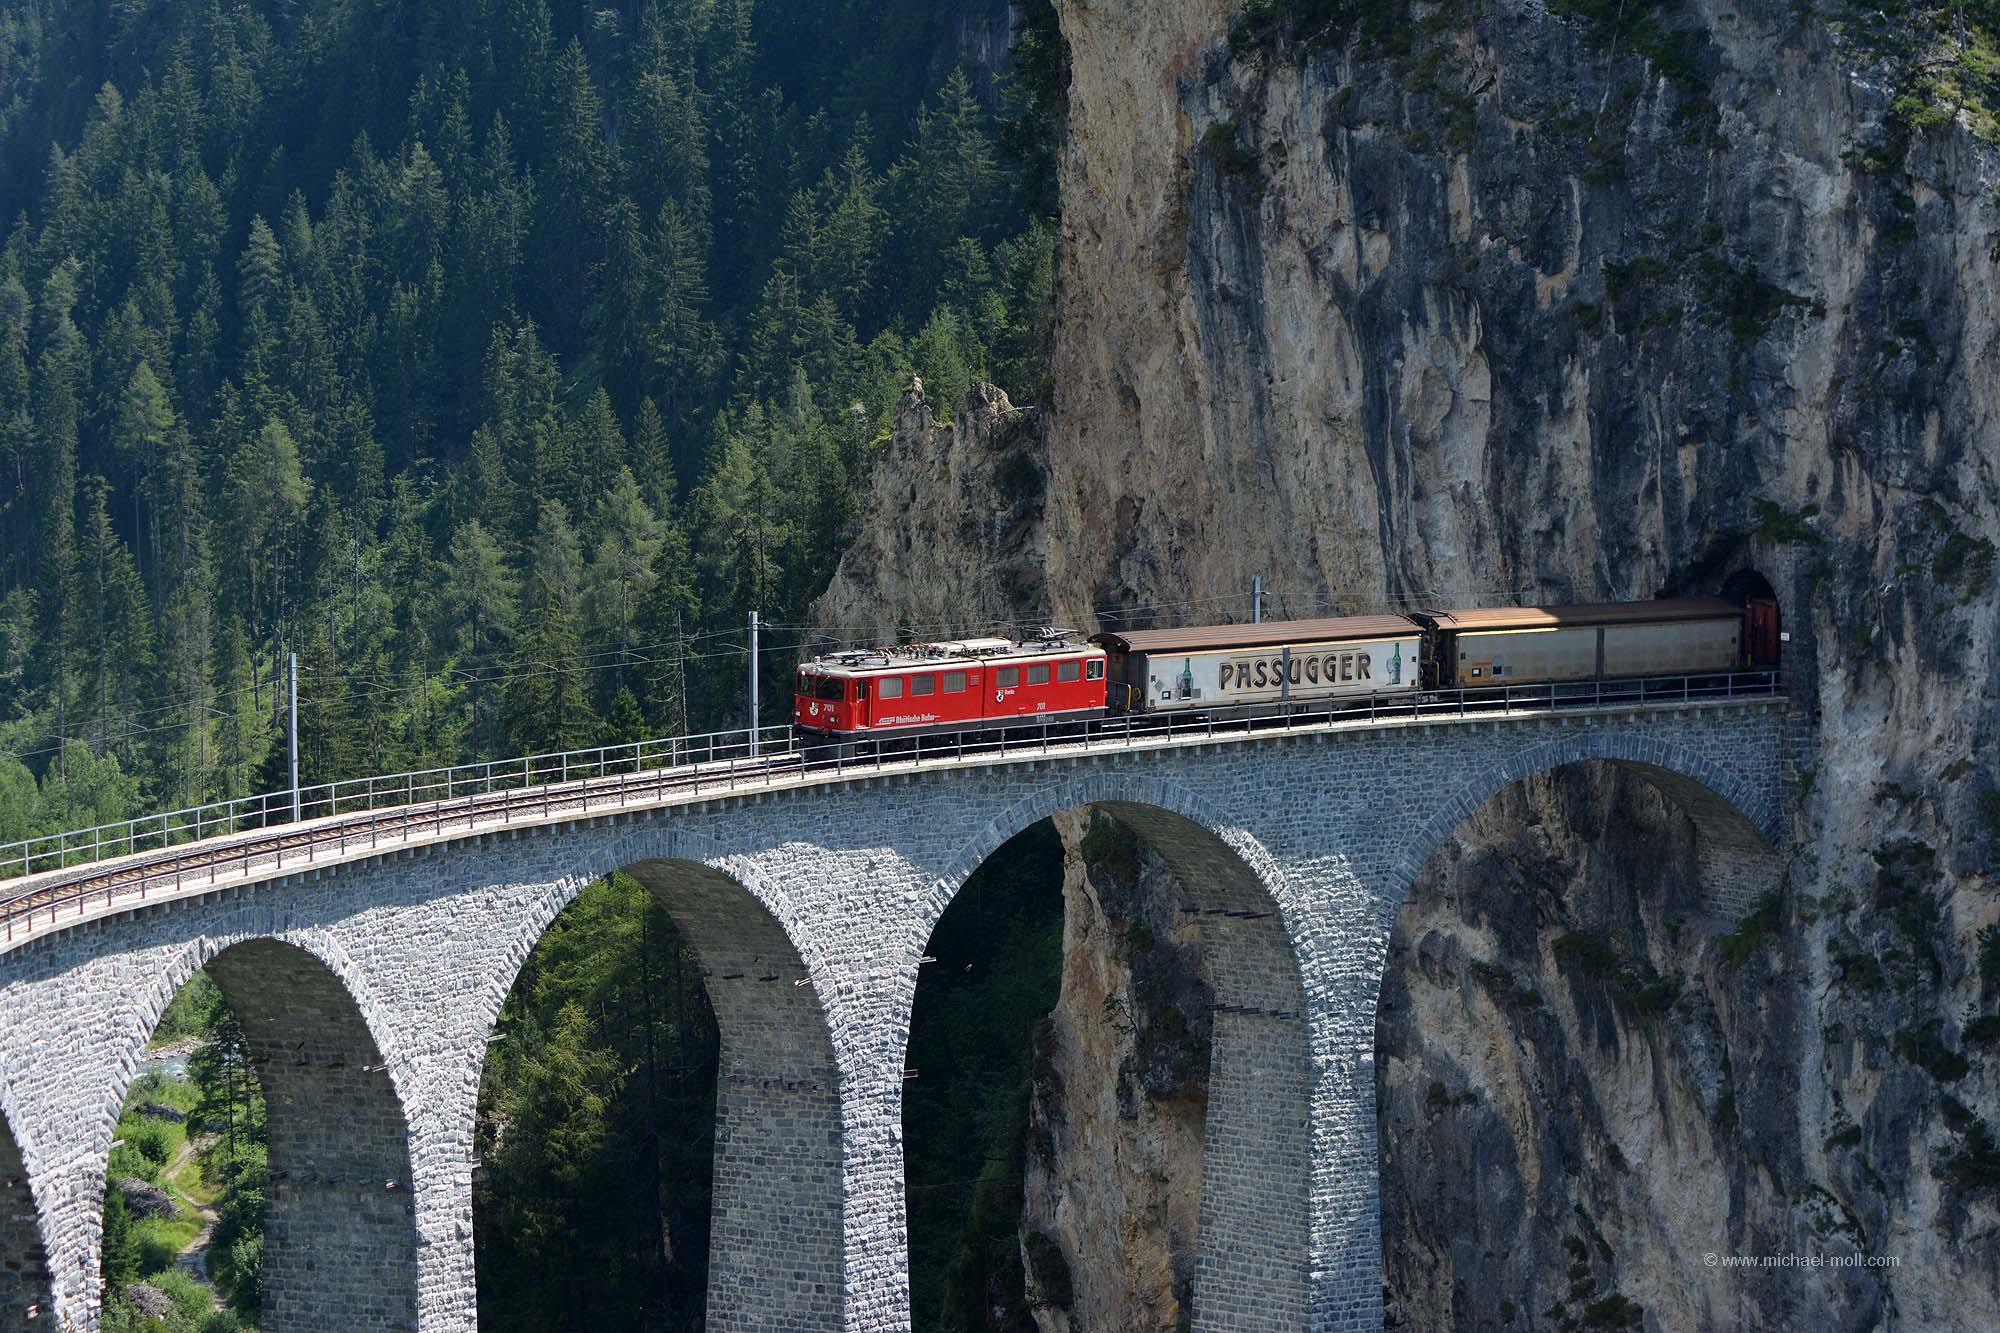 Der Zug kommt aus dem Tunnel